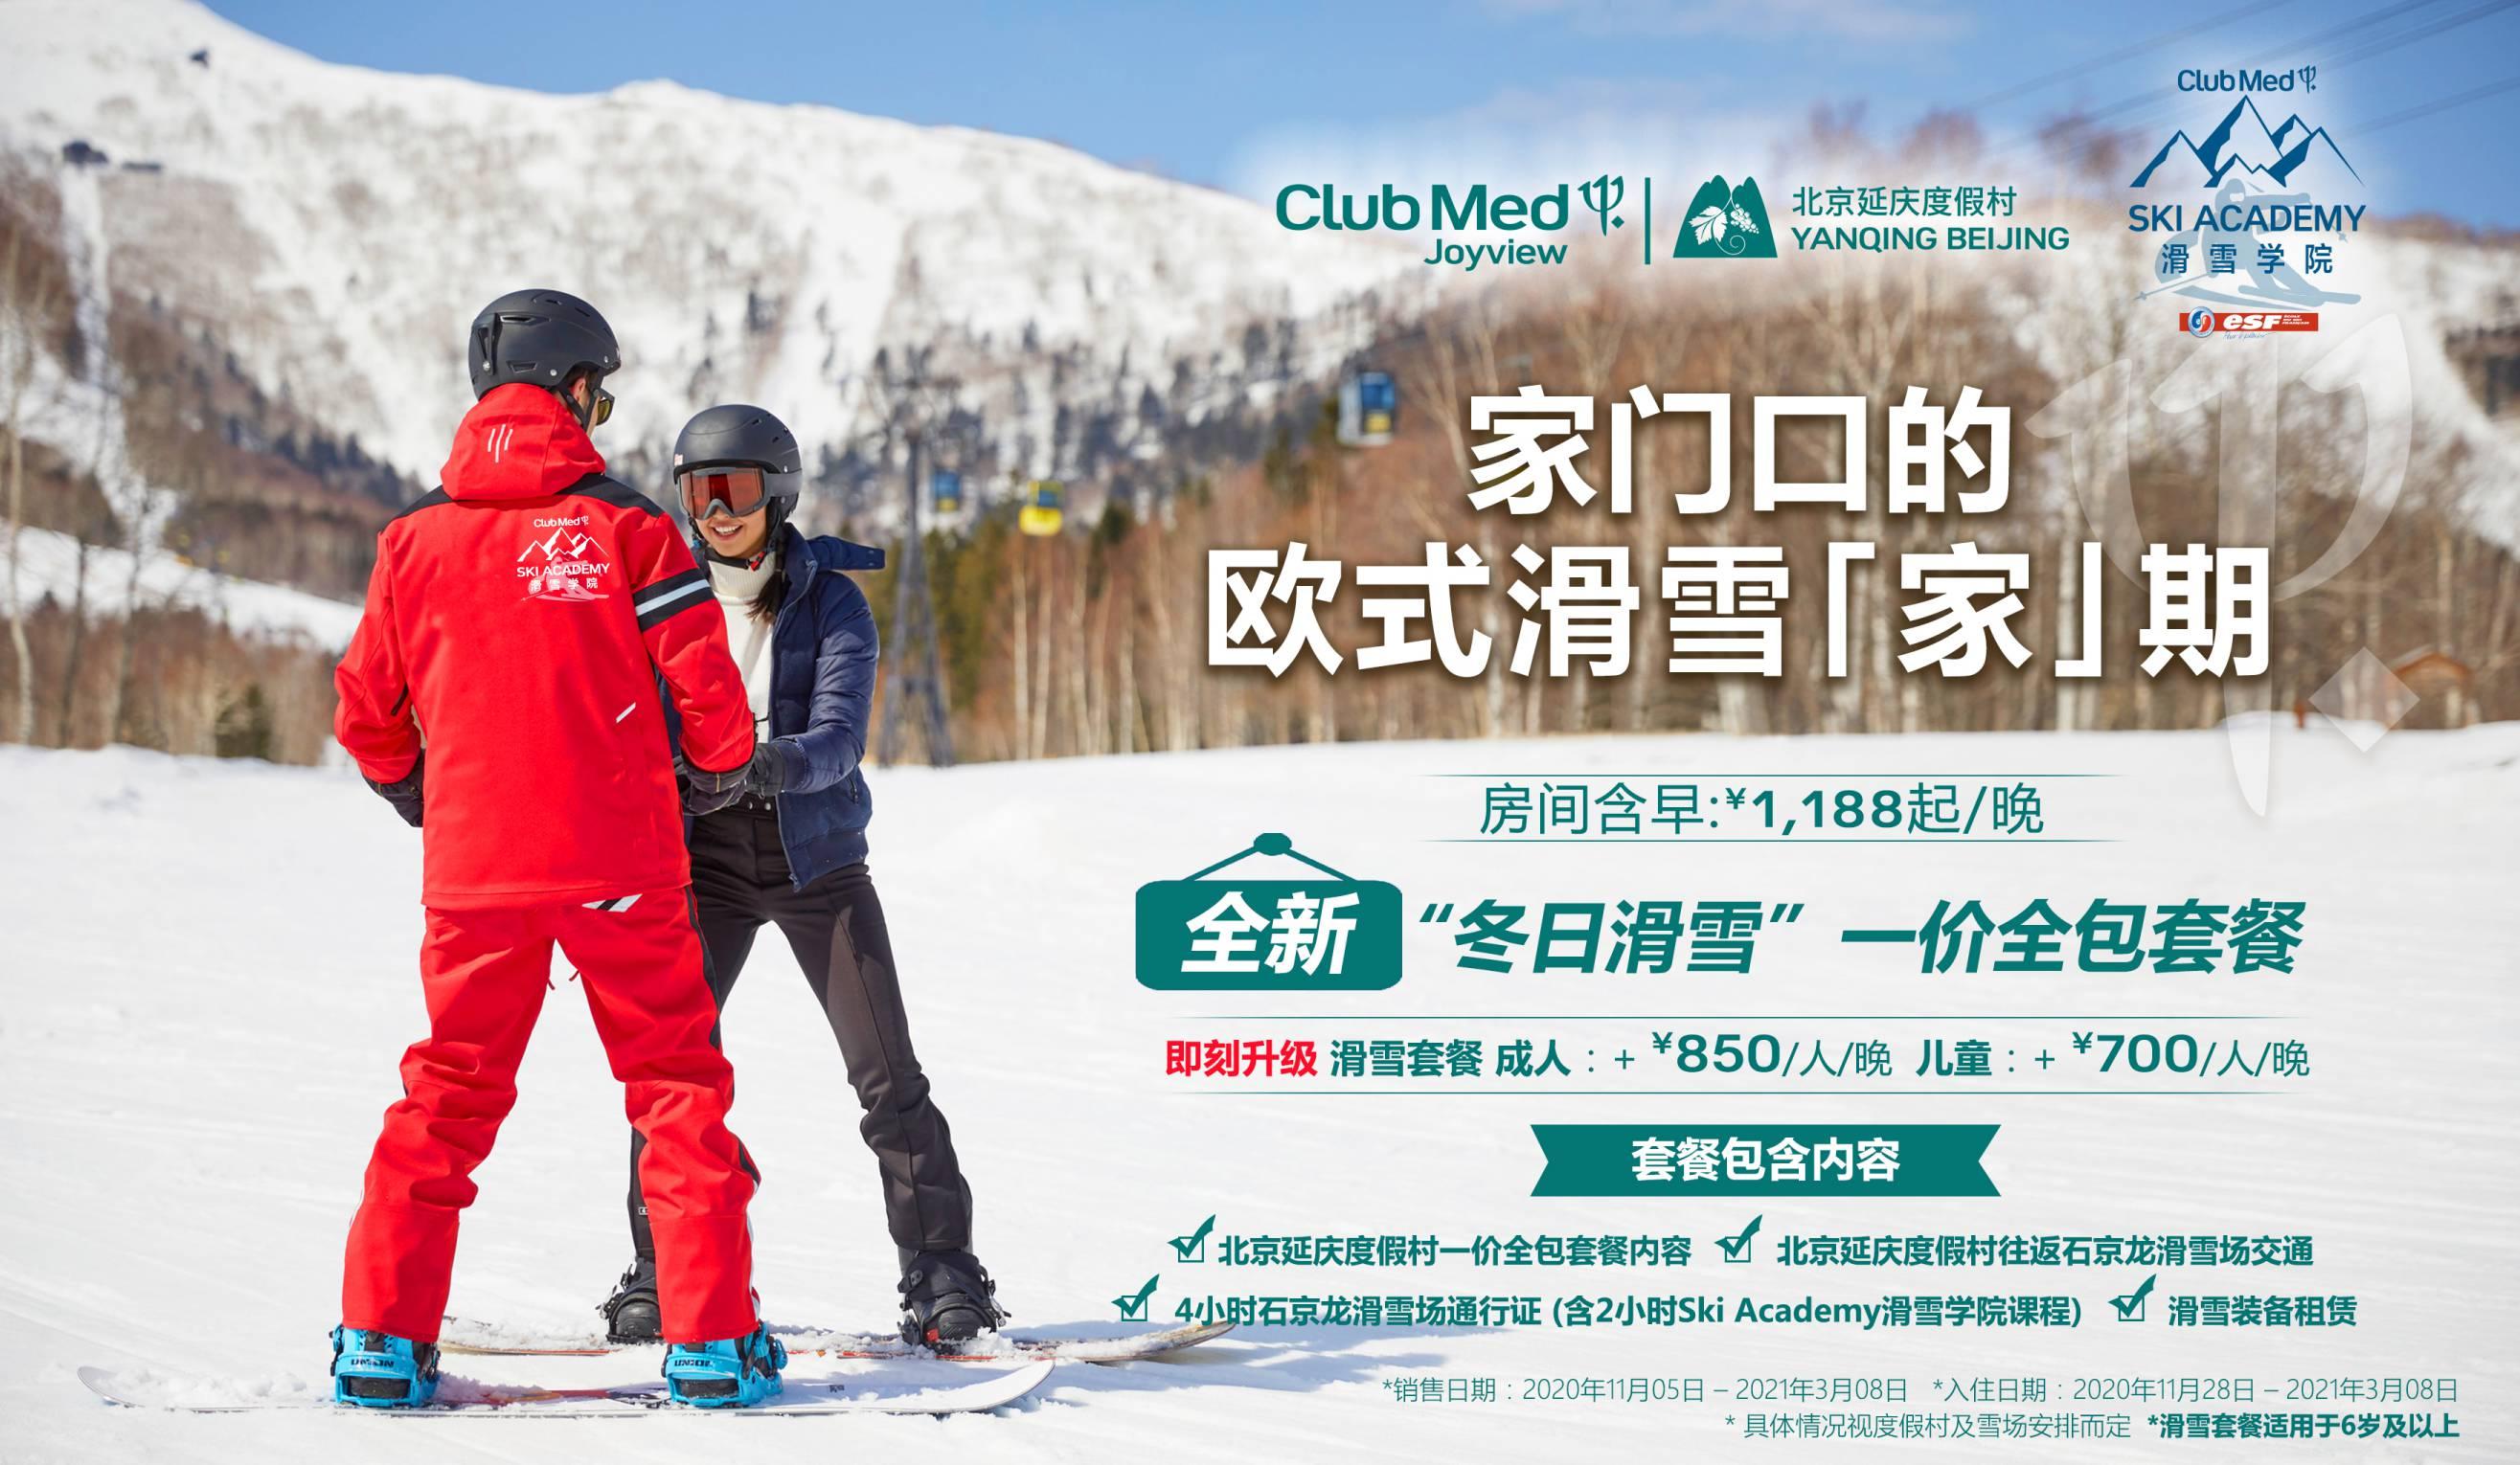 北京延庆ClubMed Joyview度假村,高级三人房,亲子童乐汇【单订房】